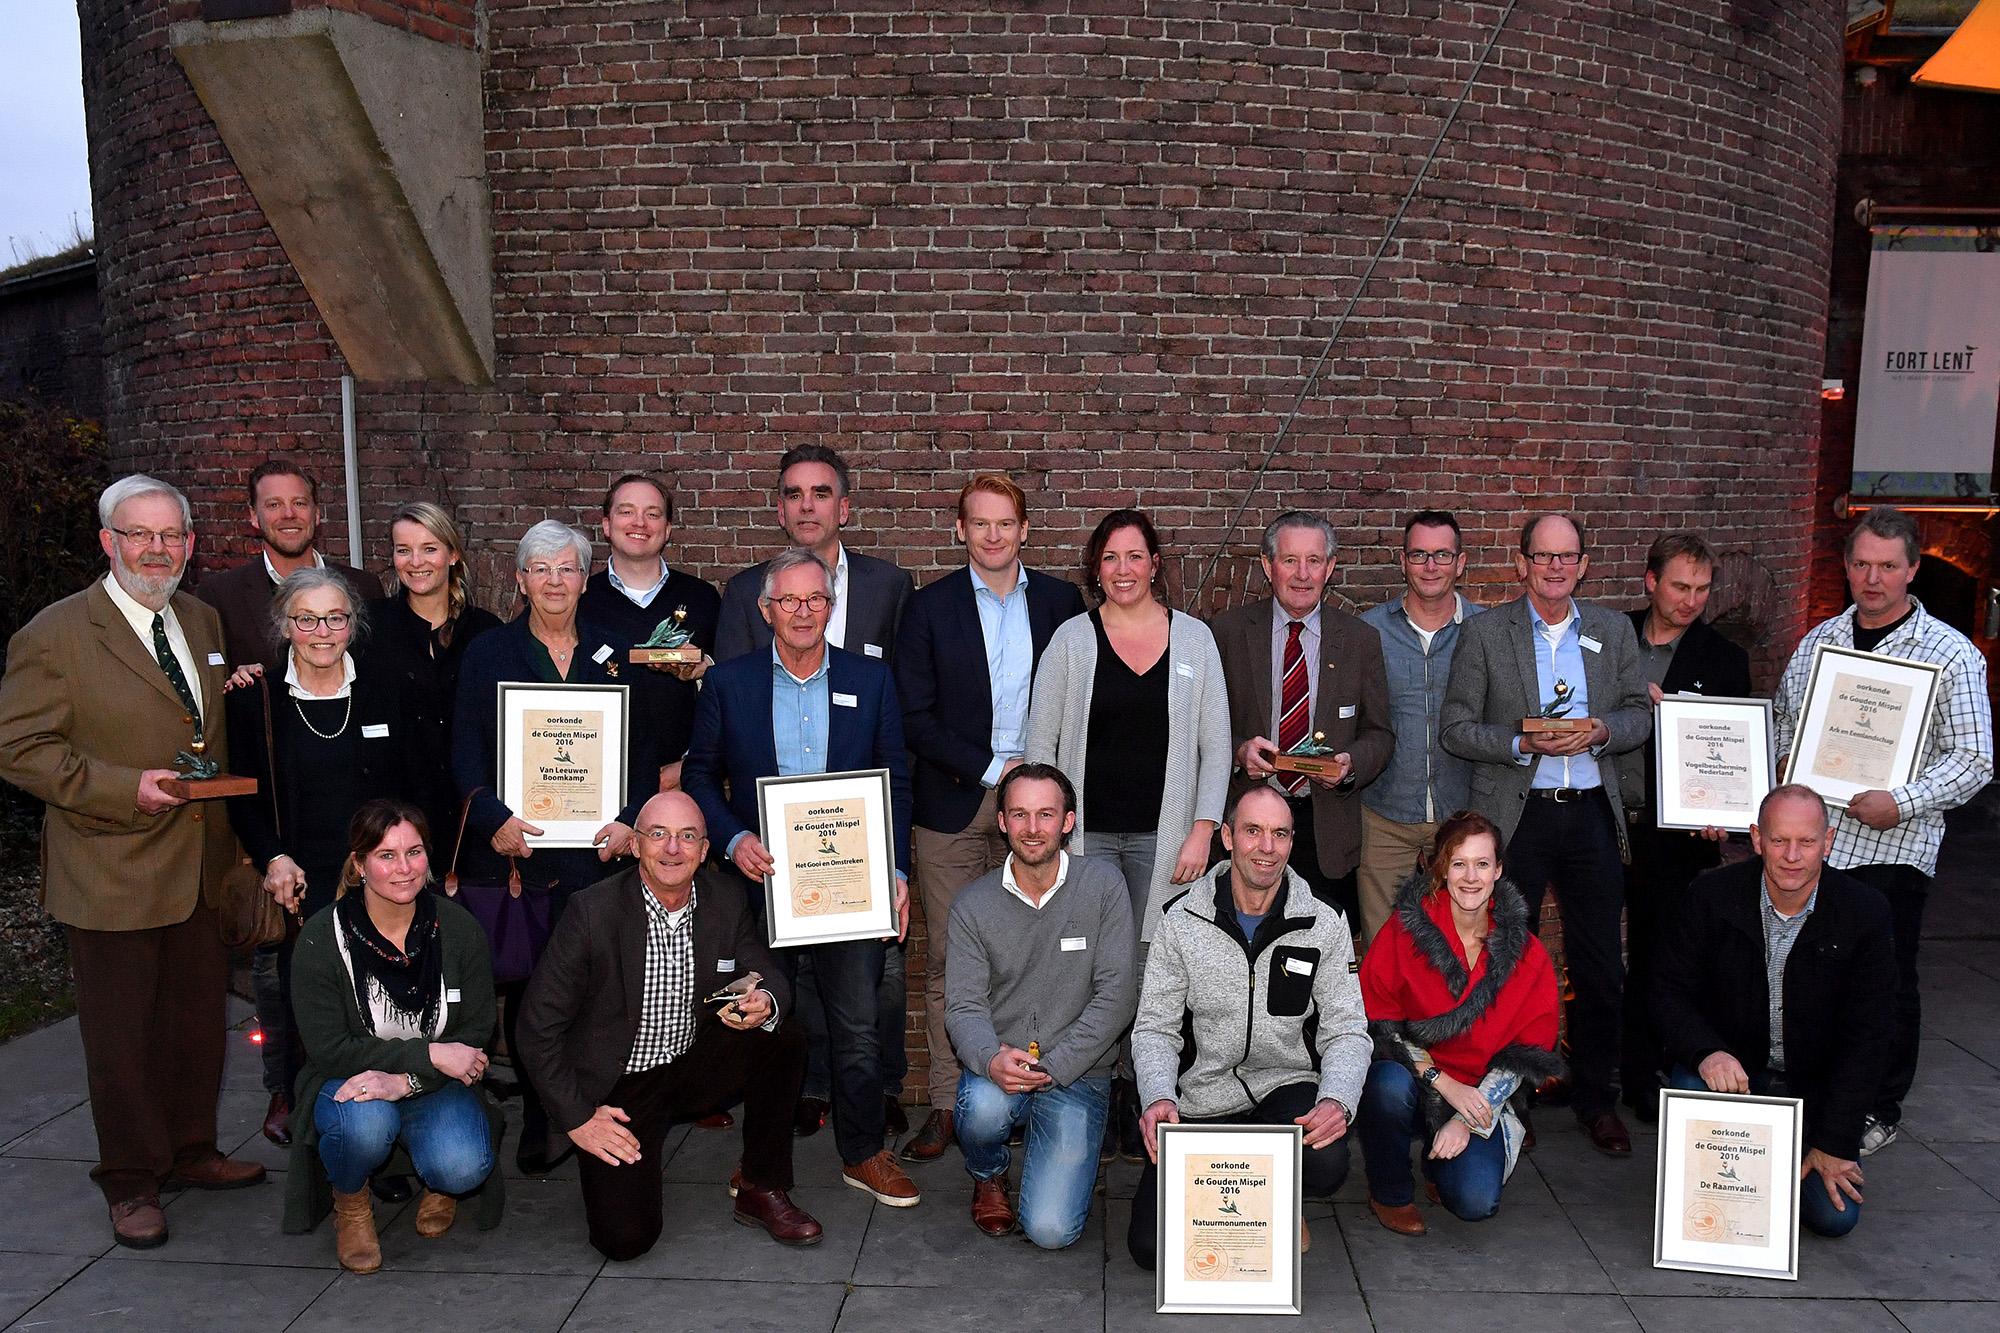 Winnaars Gouden Mispel 2016